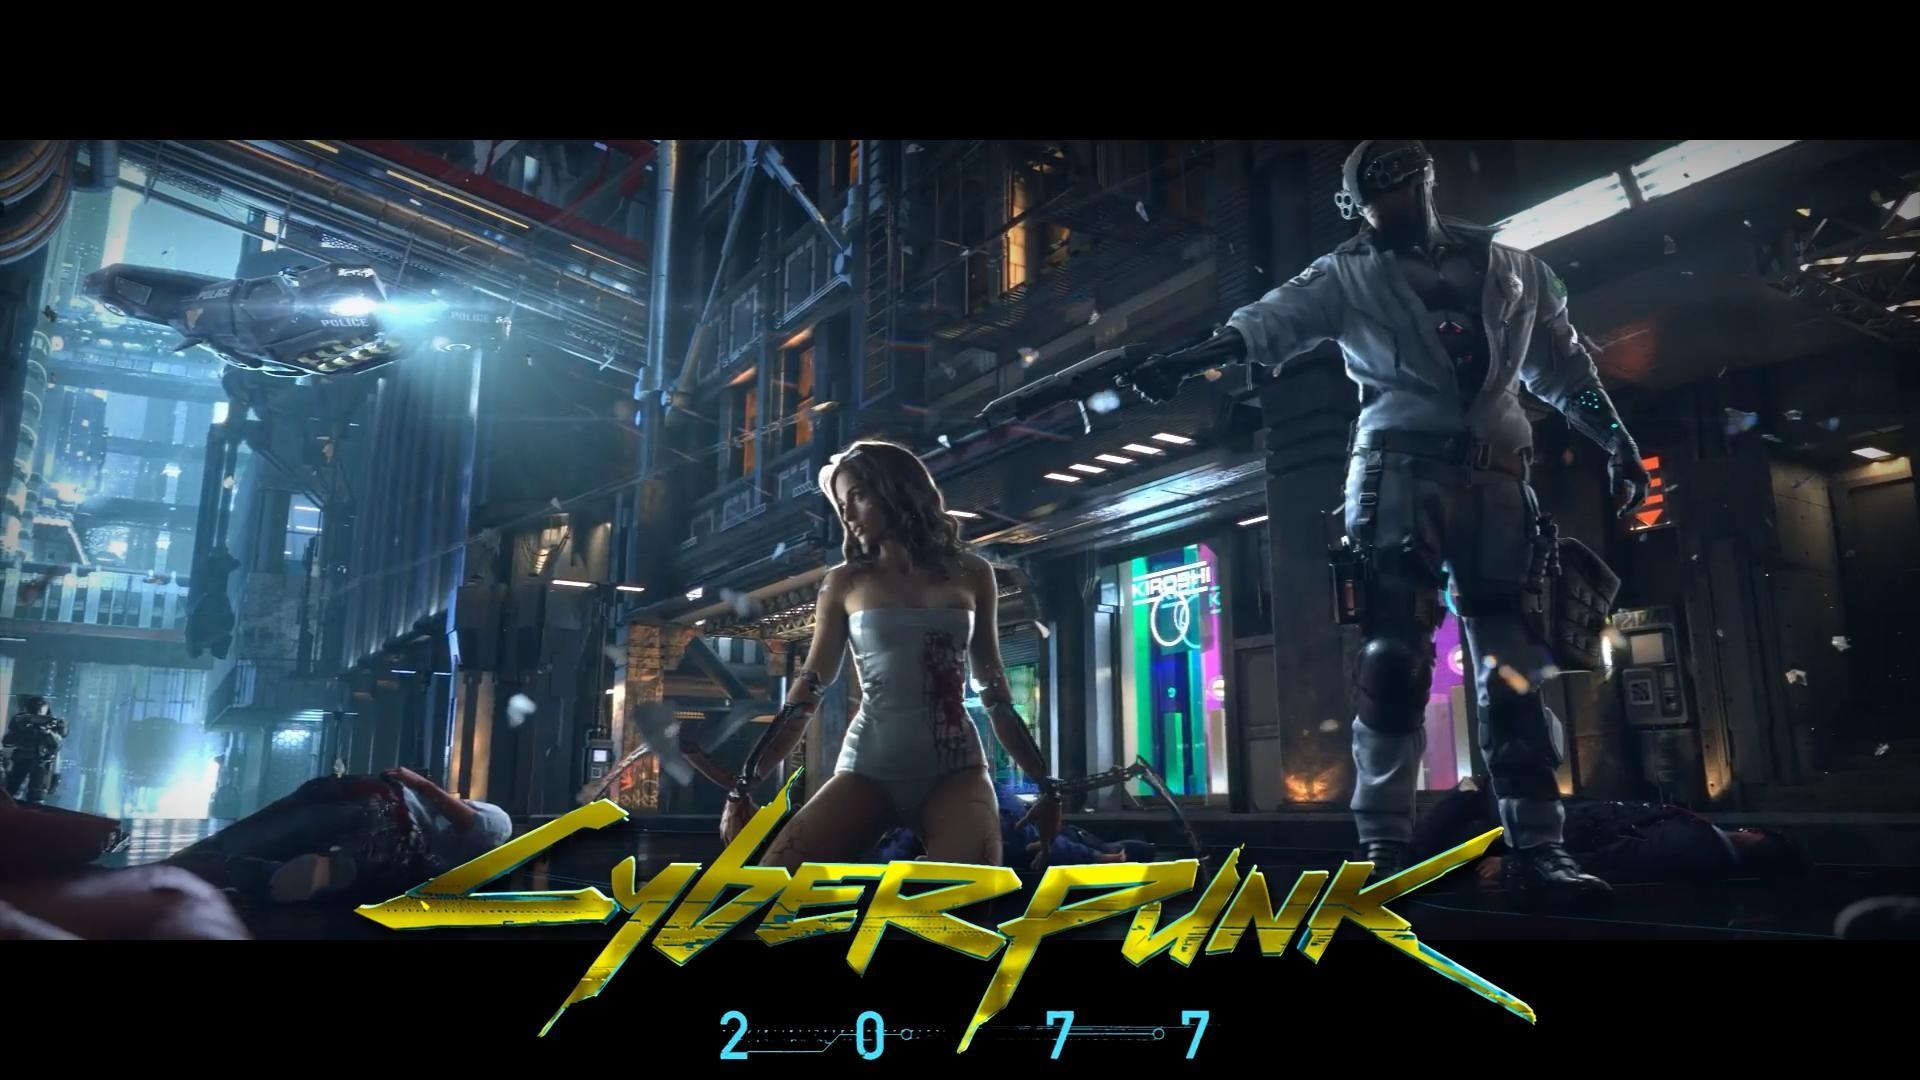 Cyberpunk-2077-Wallpaper-HD-6.jpg